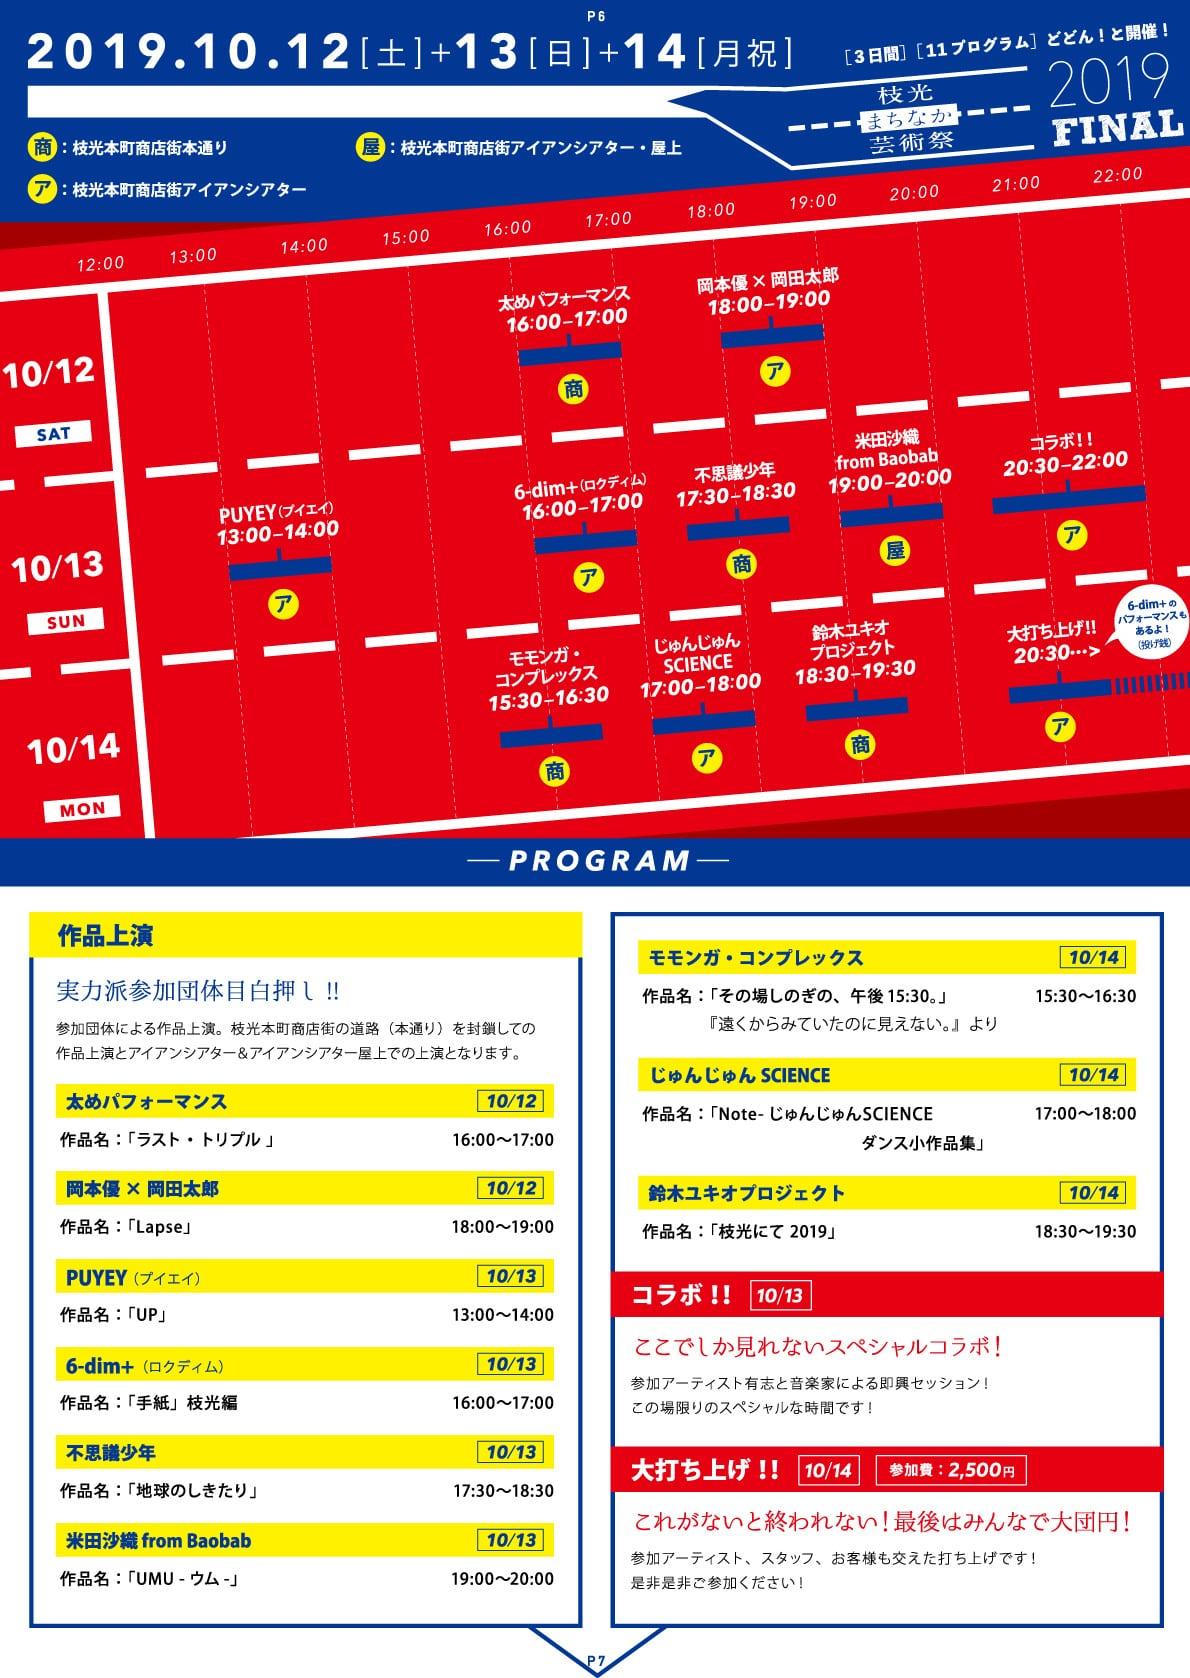 ロクディム@枝光まちなか芸術祭:2019/11/13